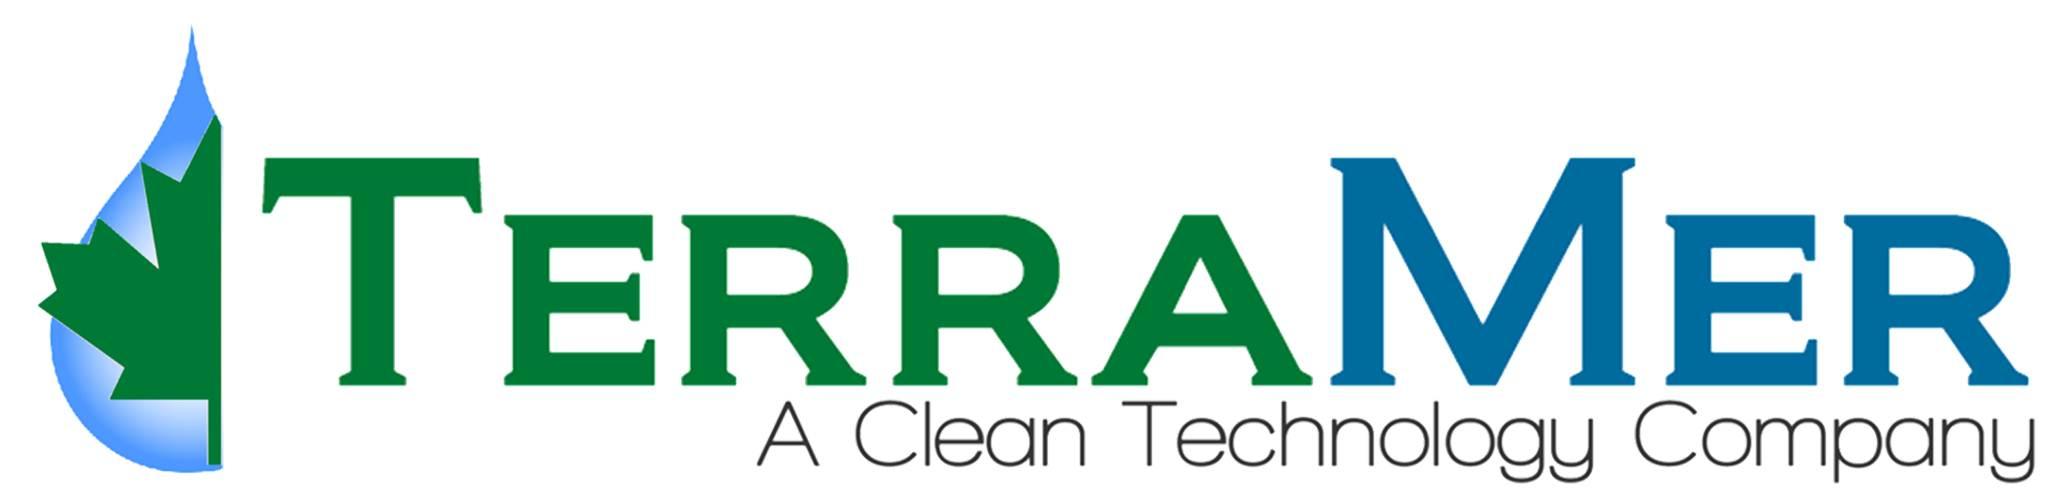 TerraMer Logo (new branding).jpg